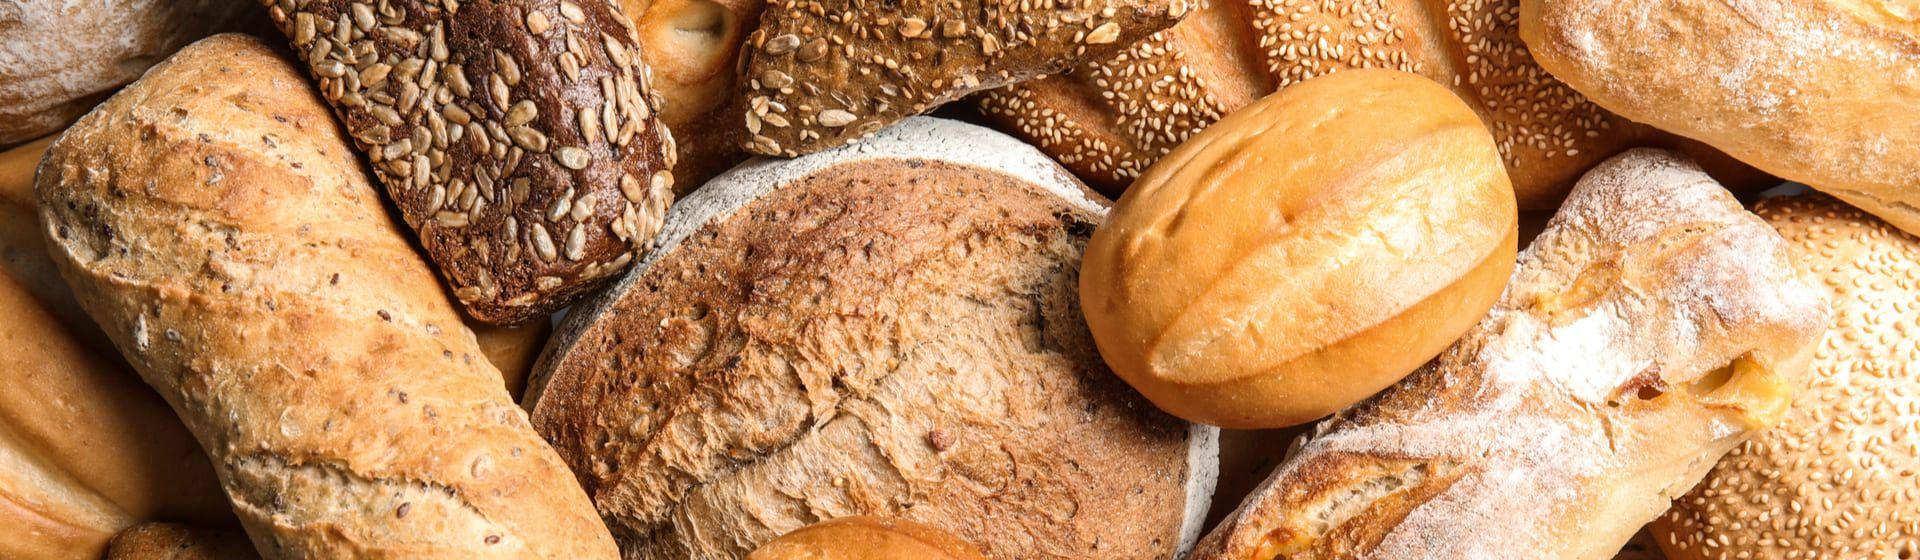 Receita de pão caseiro de liquidificador: passo a passo